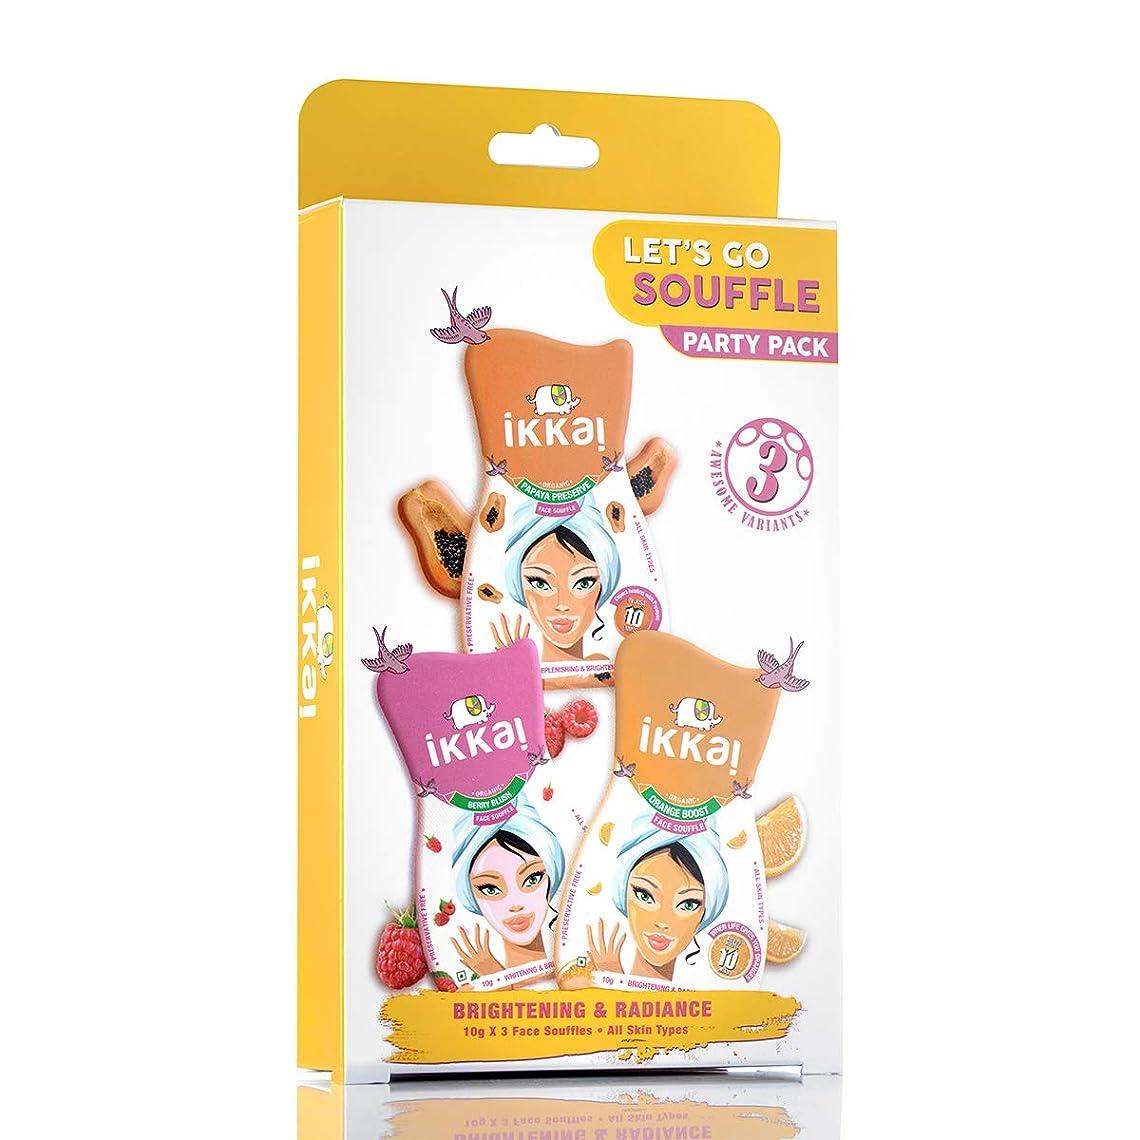 休憩帆静かにIkkai by Lotus Herbals Lets Go Souffle Party Pack (1 Face Mask, 1 Face Scrub and 1 Face Souffle)